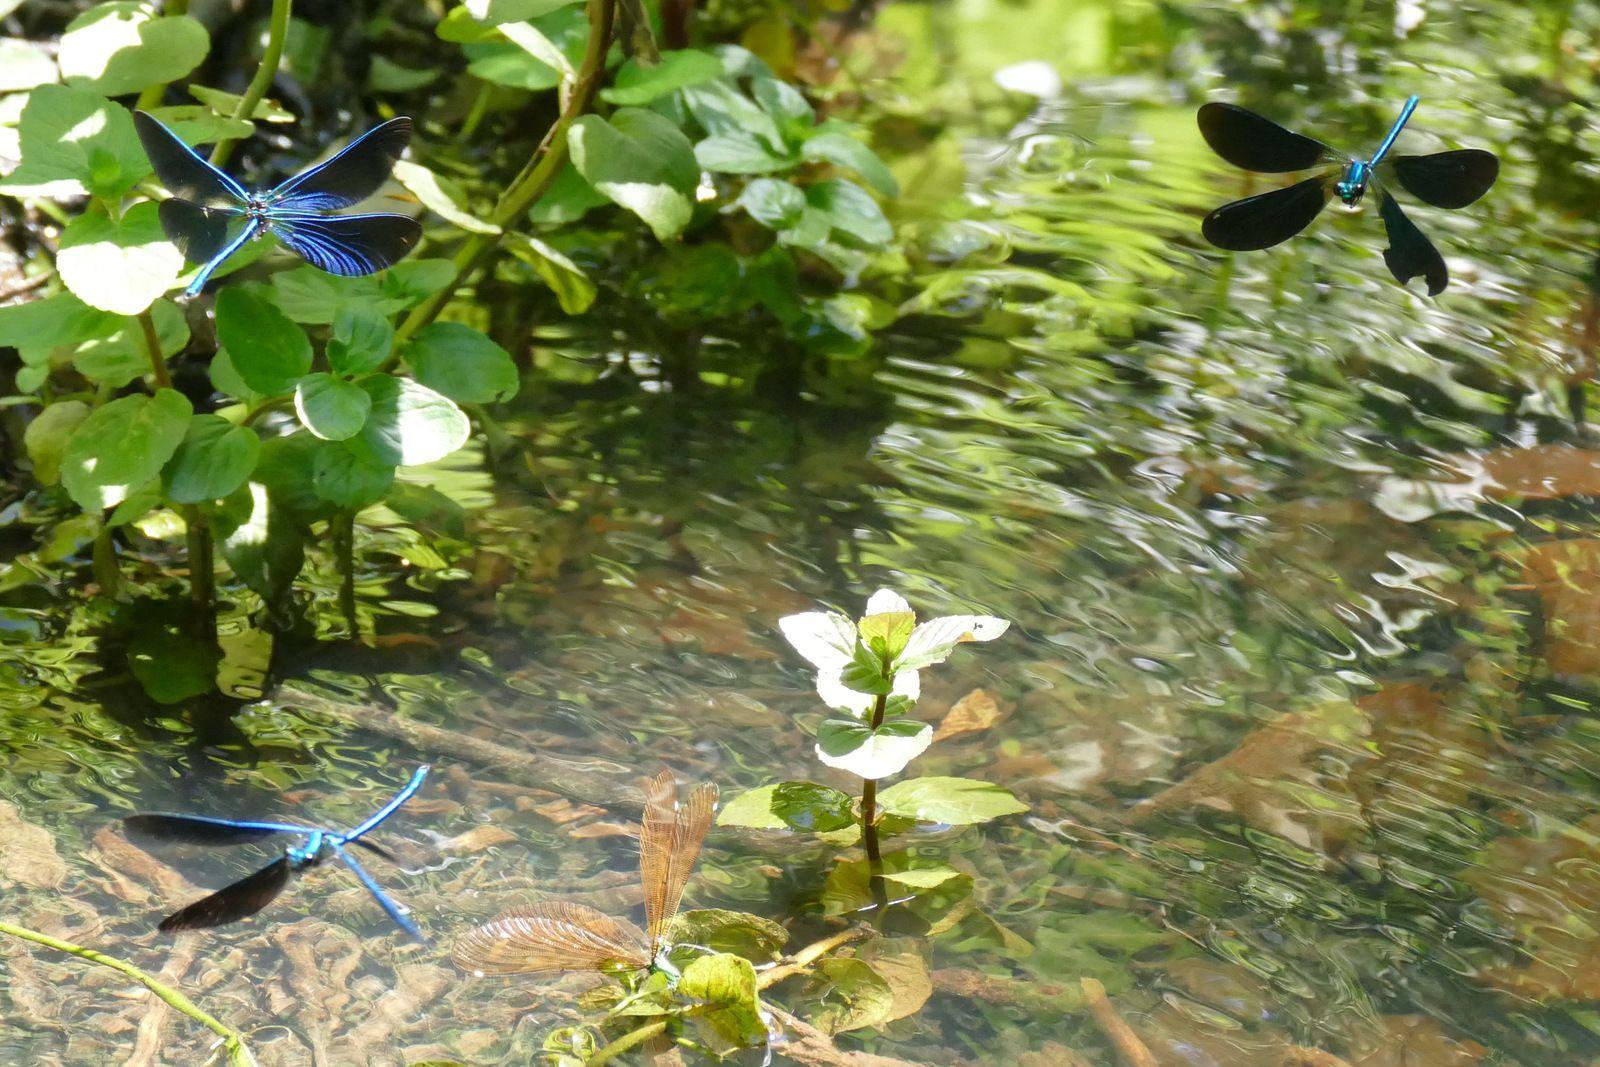 Calopteryx virgo, Kervon, ruisseau de Kerloc'h. Photographie lavieb-aile mai 2020.